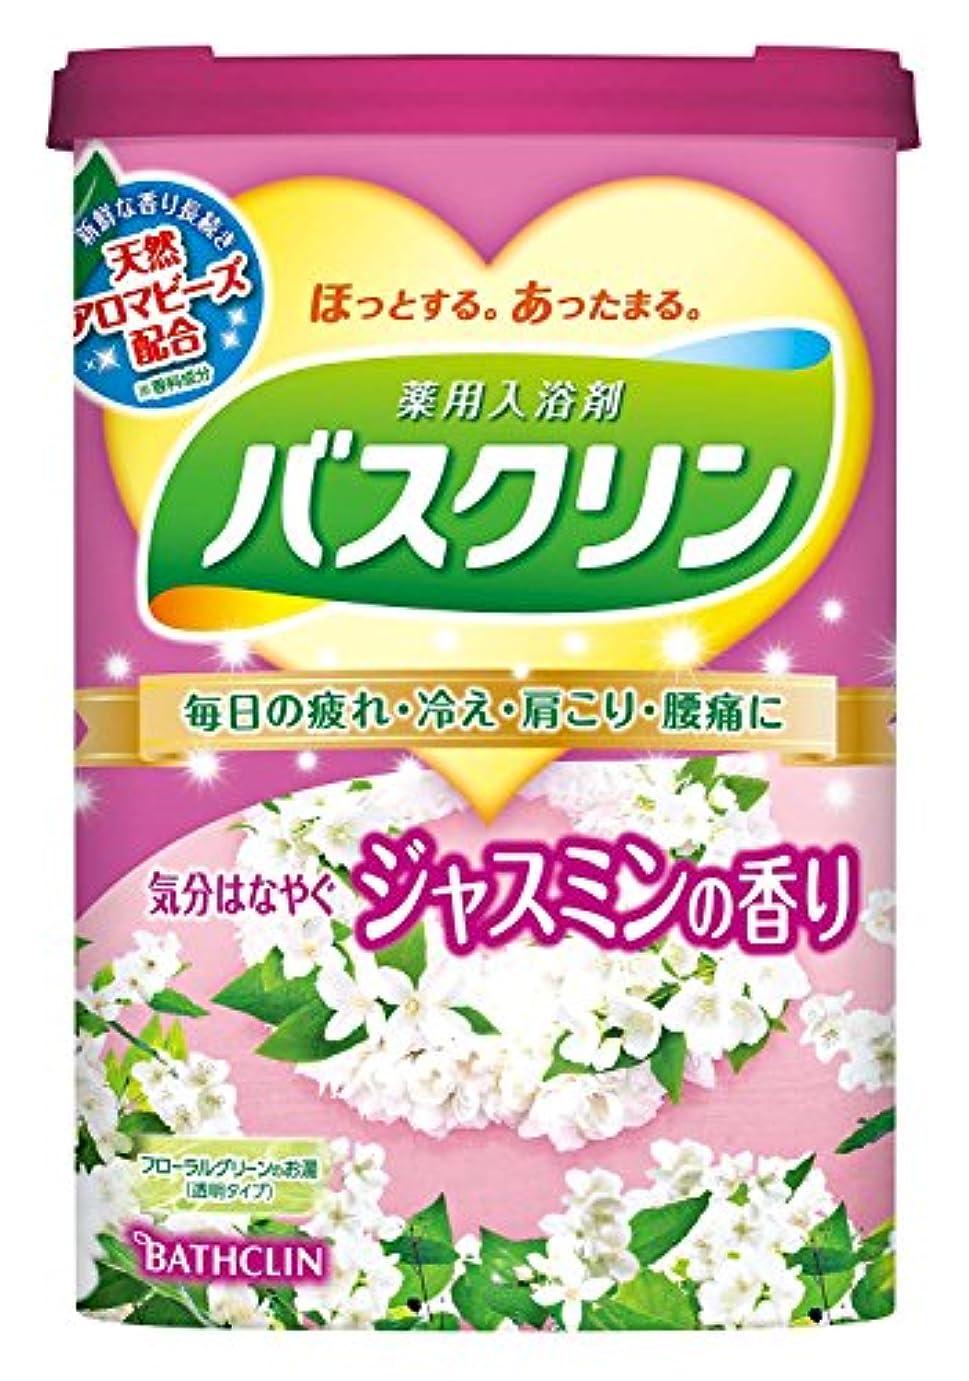 調子ソブリケット眩惑する【医薬部外品】バスクリン ジャスミンの香り 600g 入浴剤